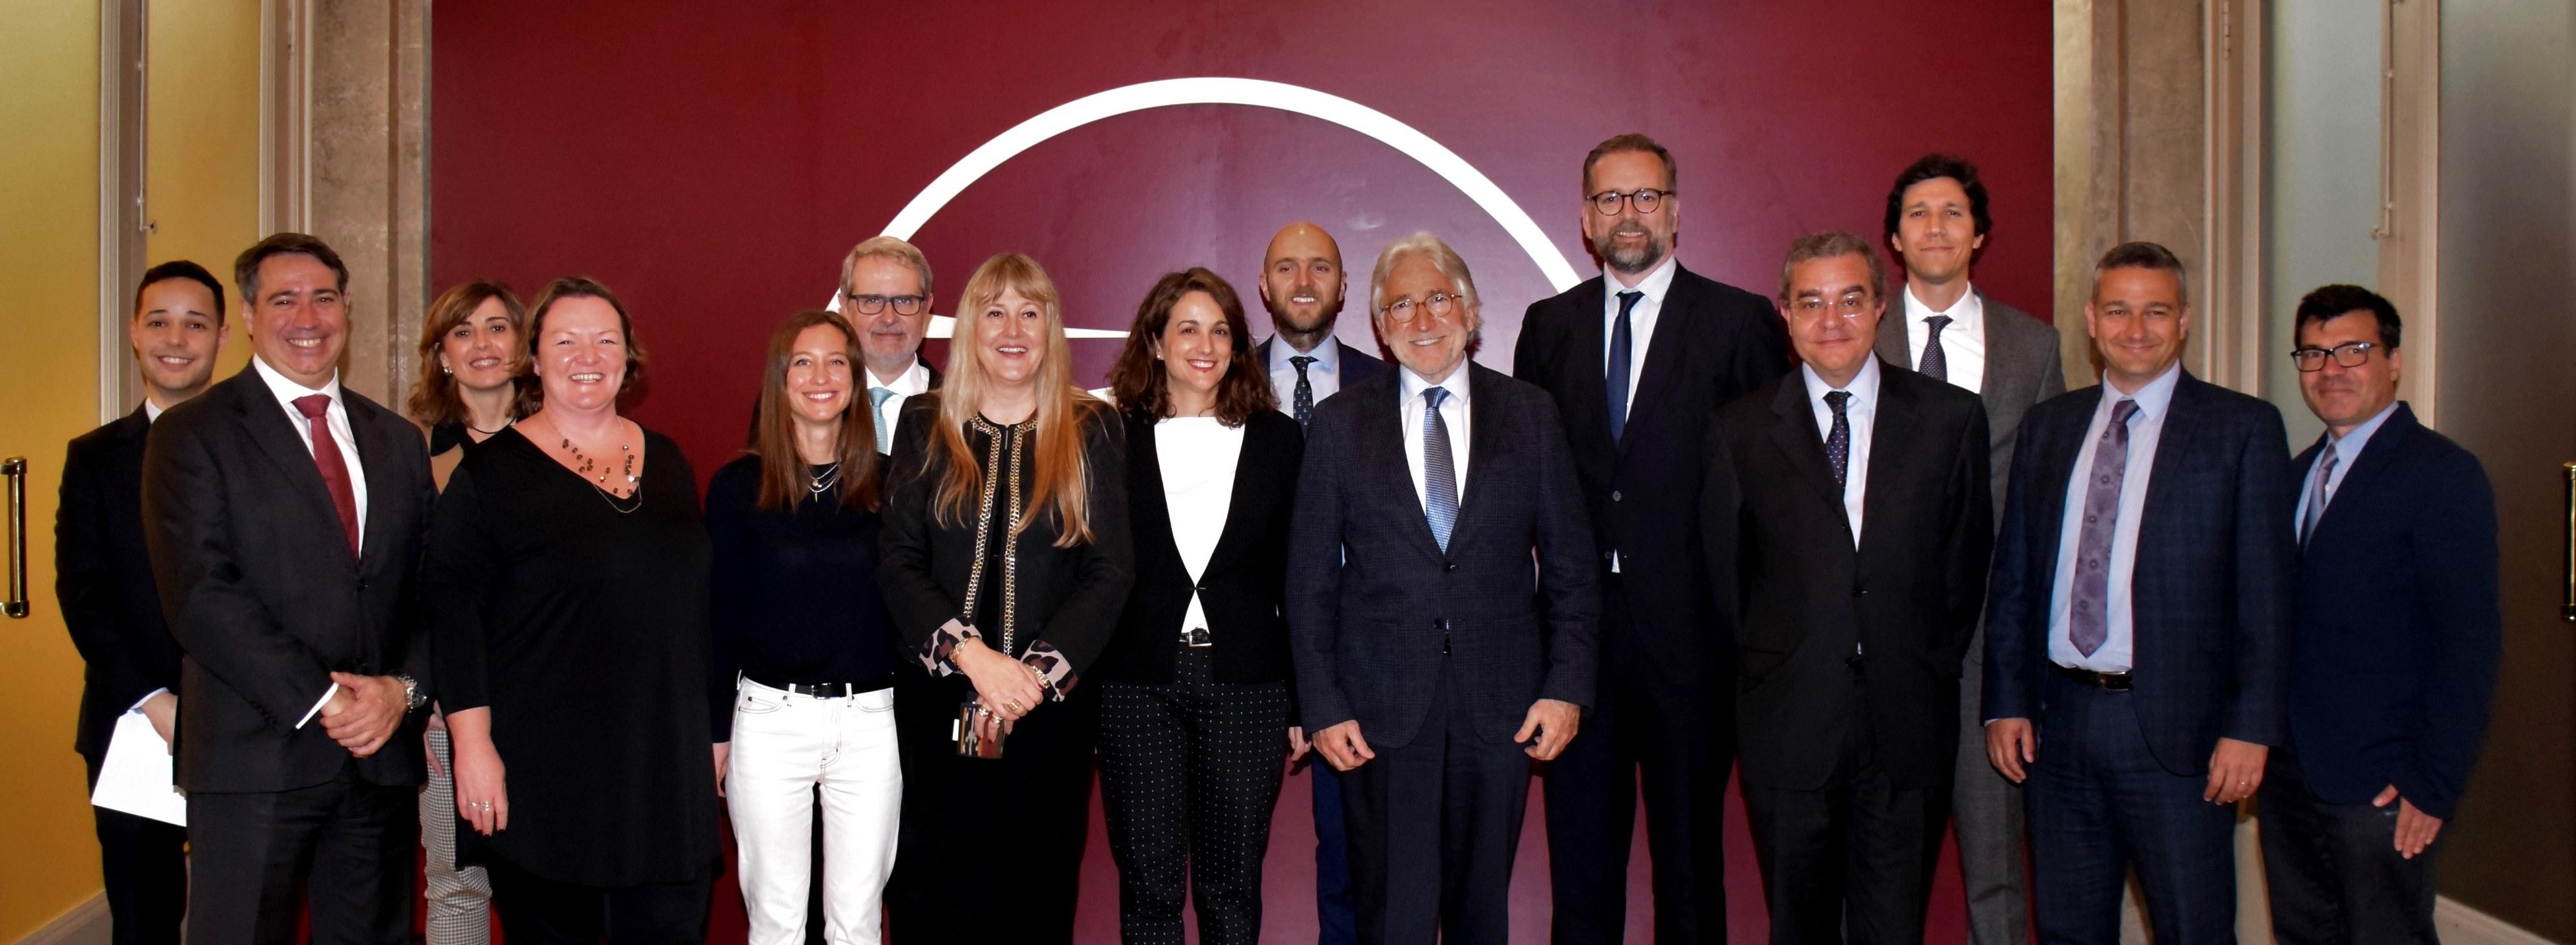 L'empresariat català preocupat per les repercussions d'un Brexit sense acord